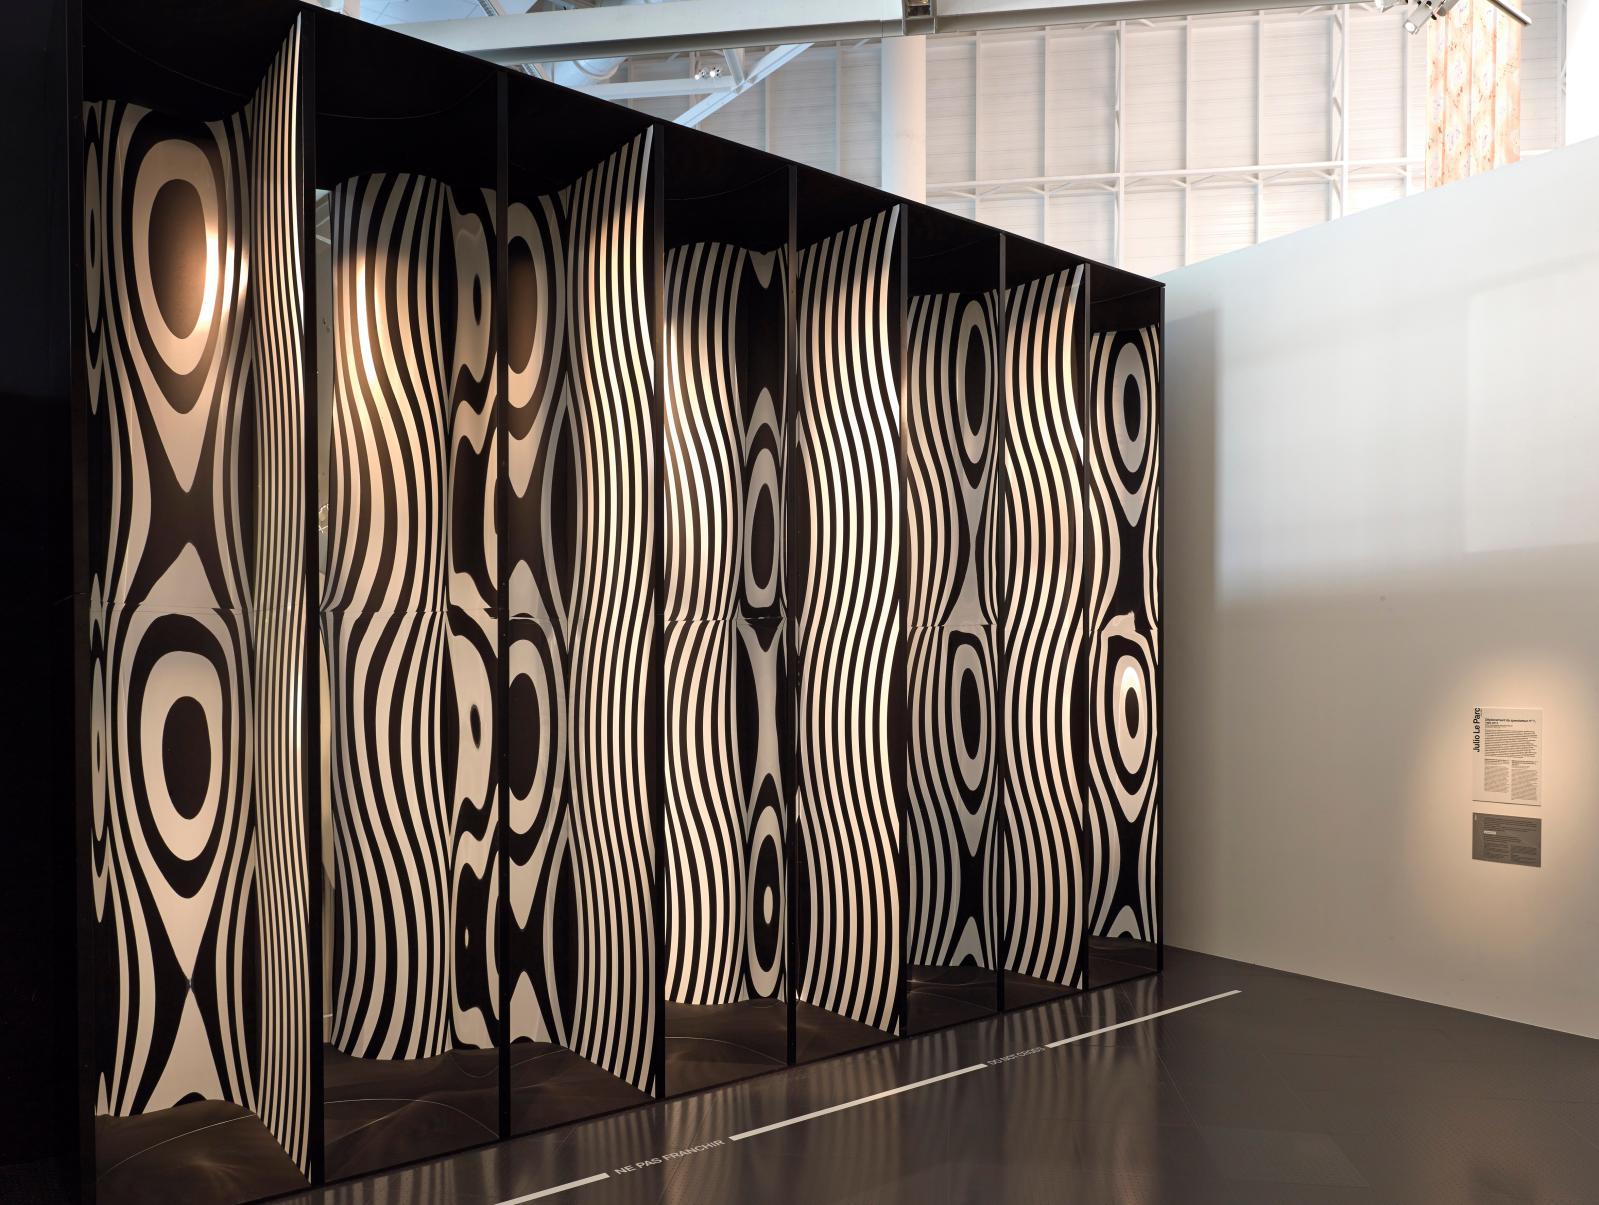 Julio LeParc, Déplacement du spectateur no1, 1965/2013, Centre Pompidou, musée national d'Art moderne, Paris.©Julio LeParc ©Centre Po